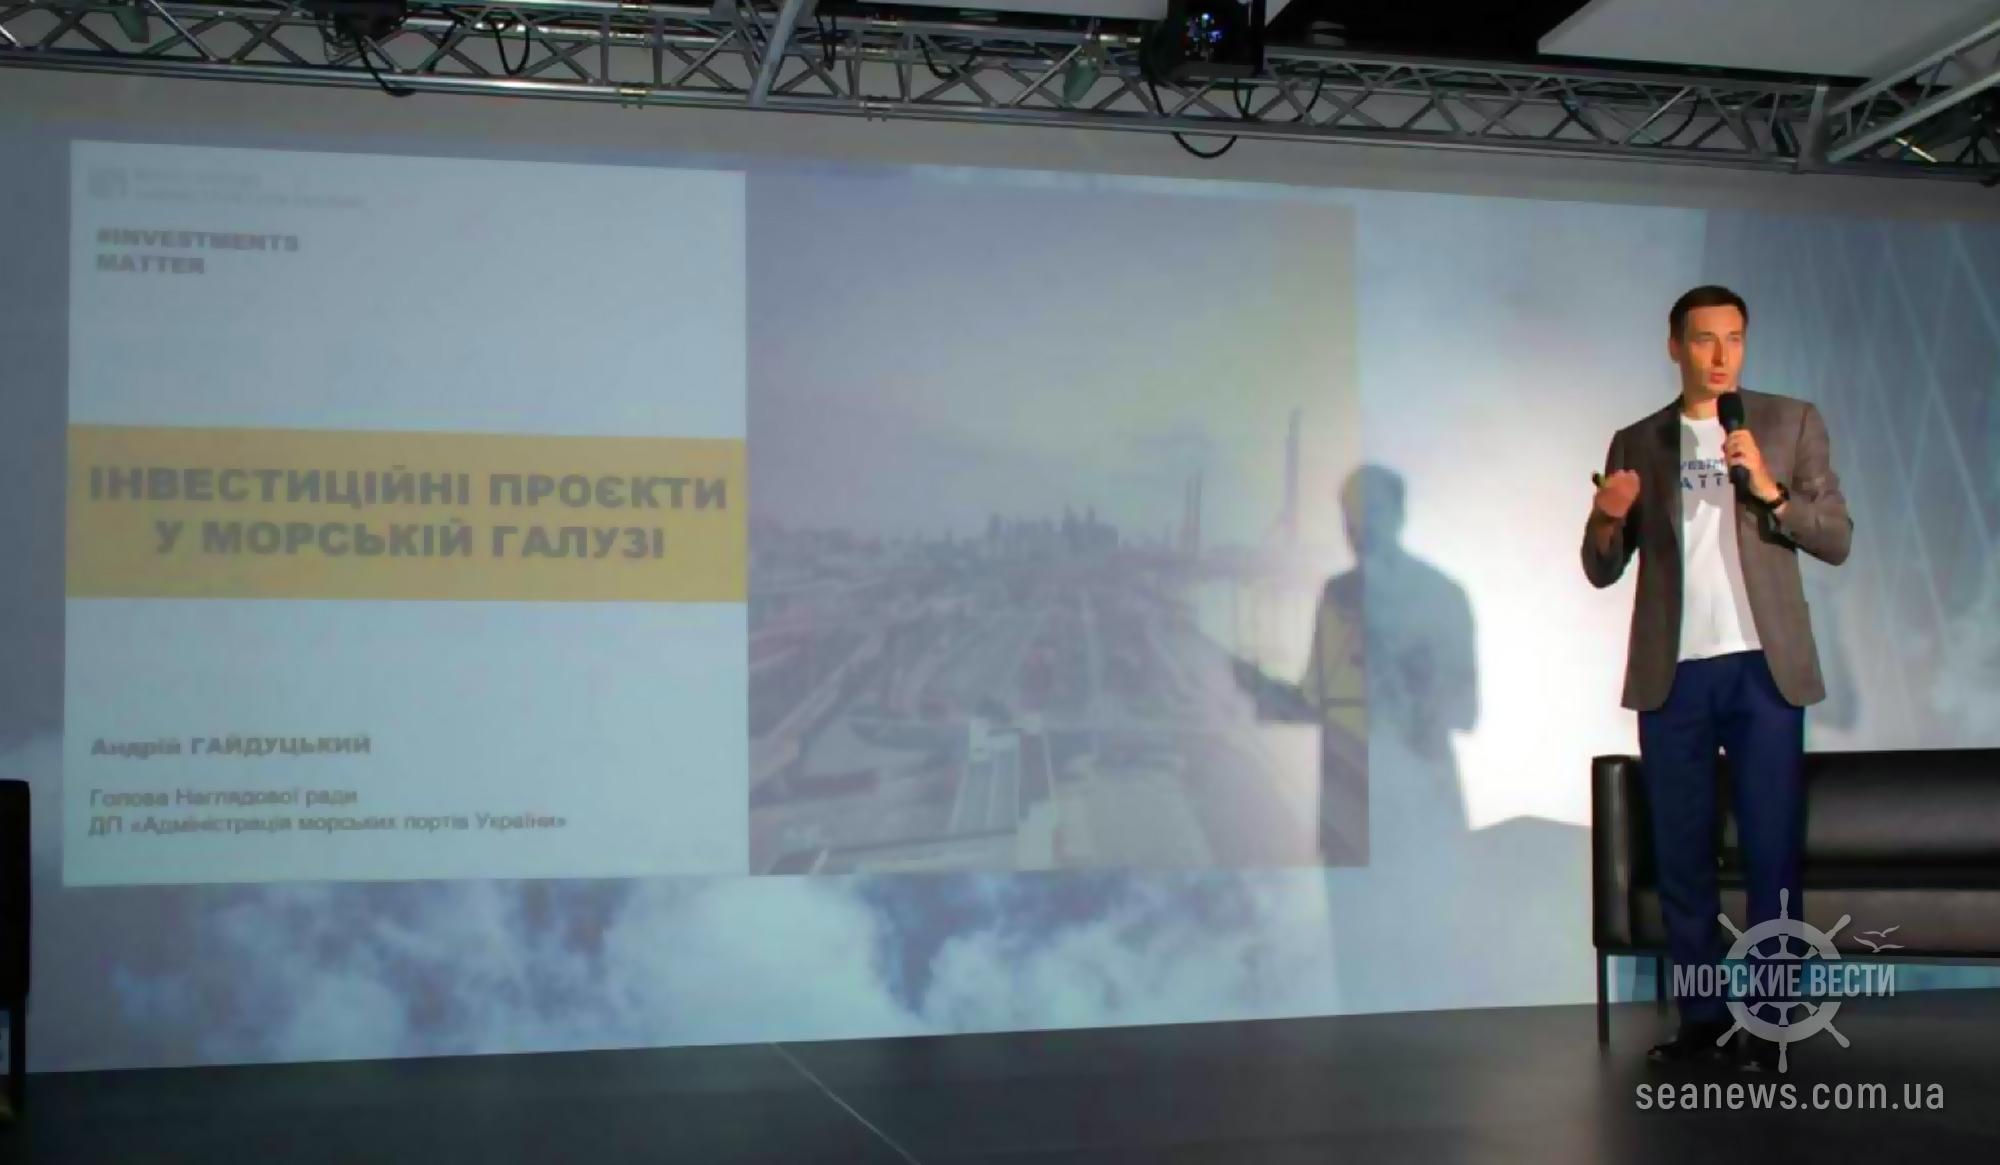 Распродажа от мининфраструктуры: Шесть портов Одесской области выставлены на продажу